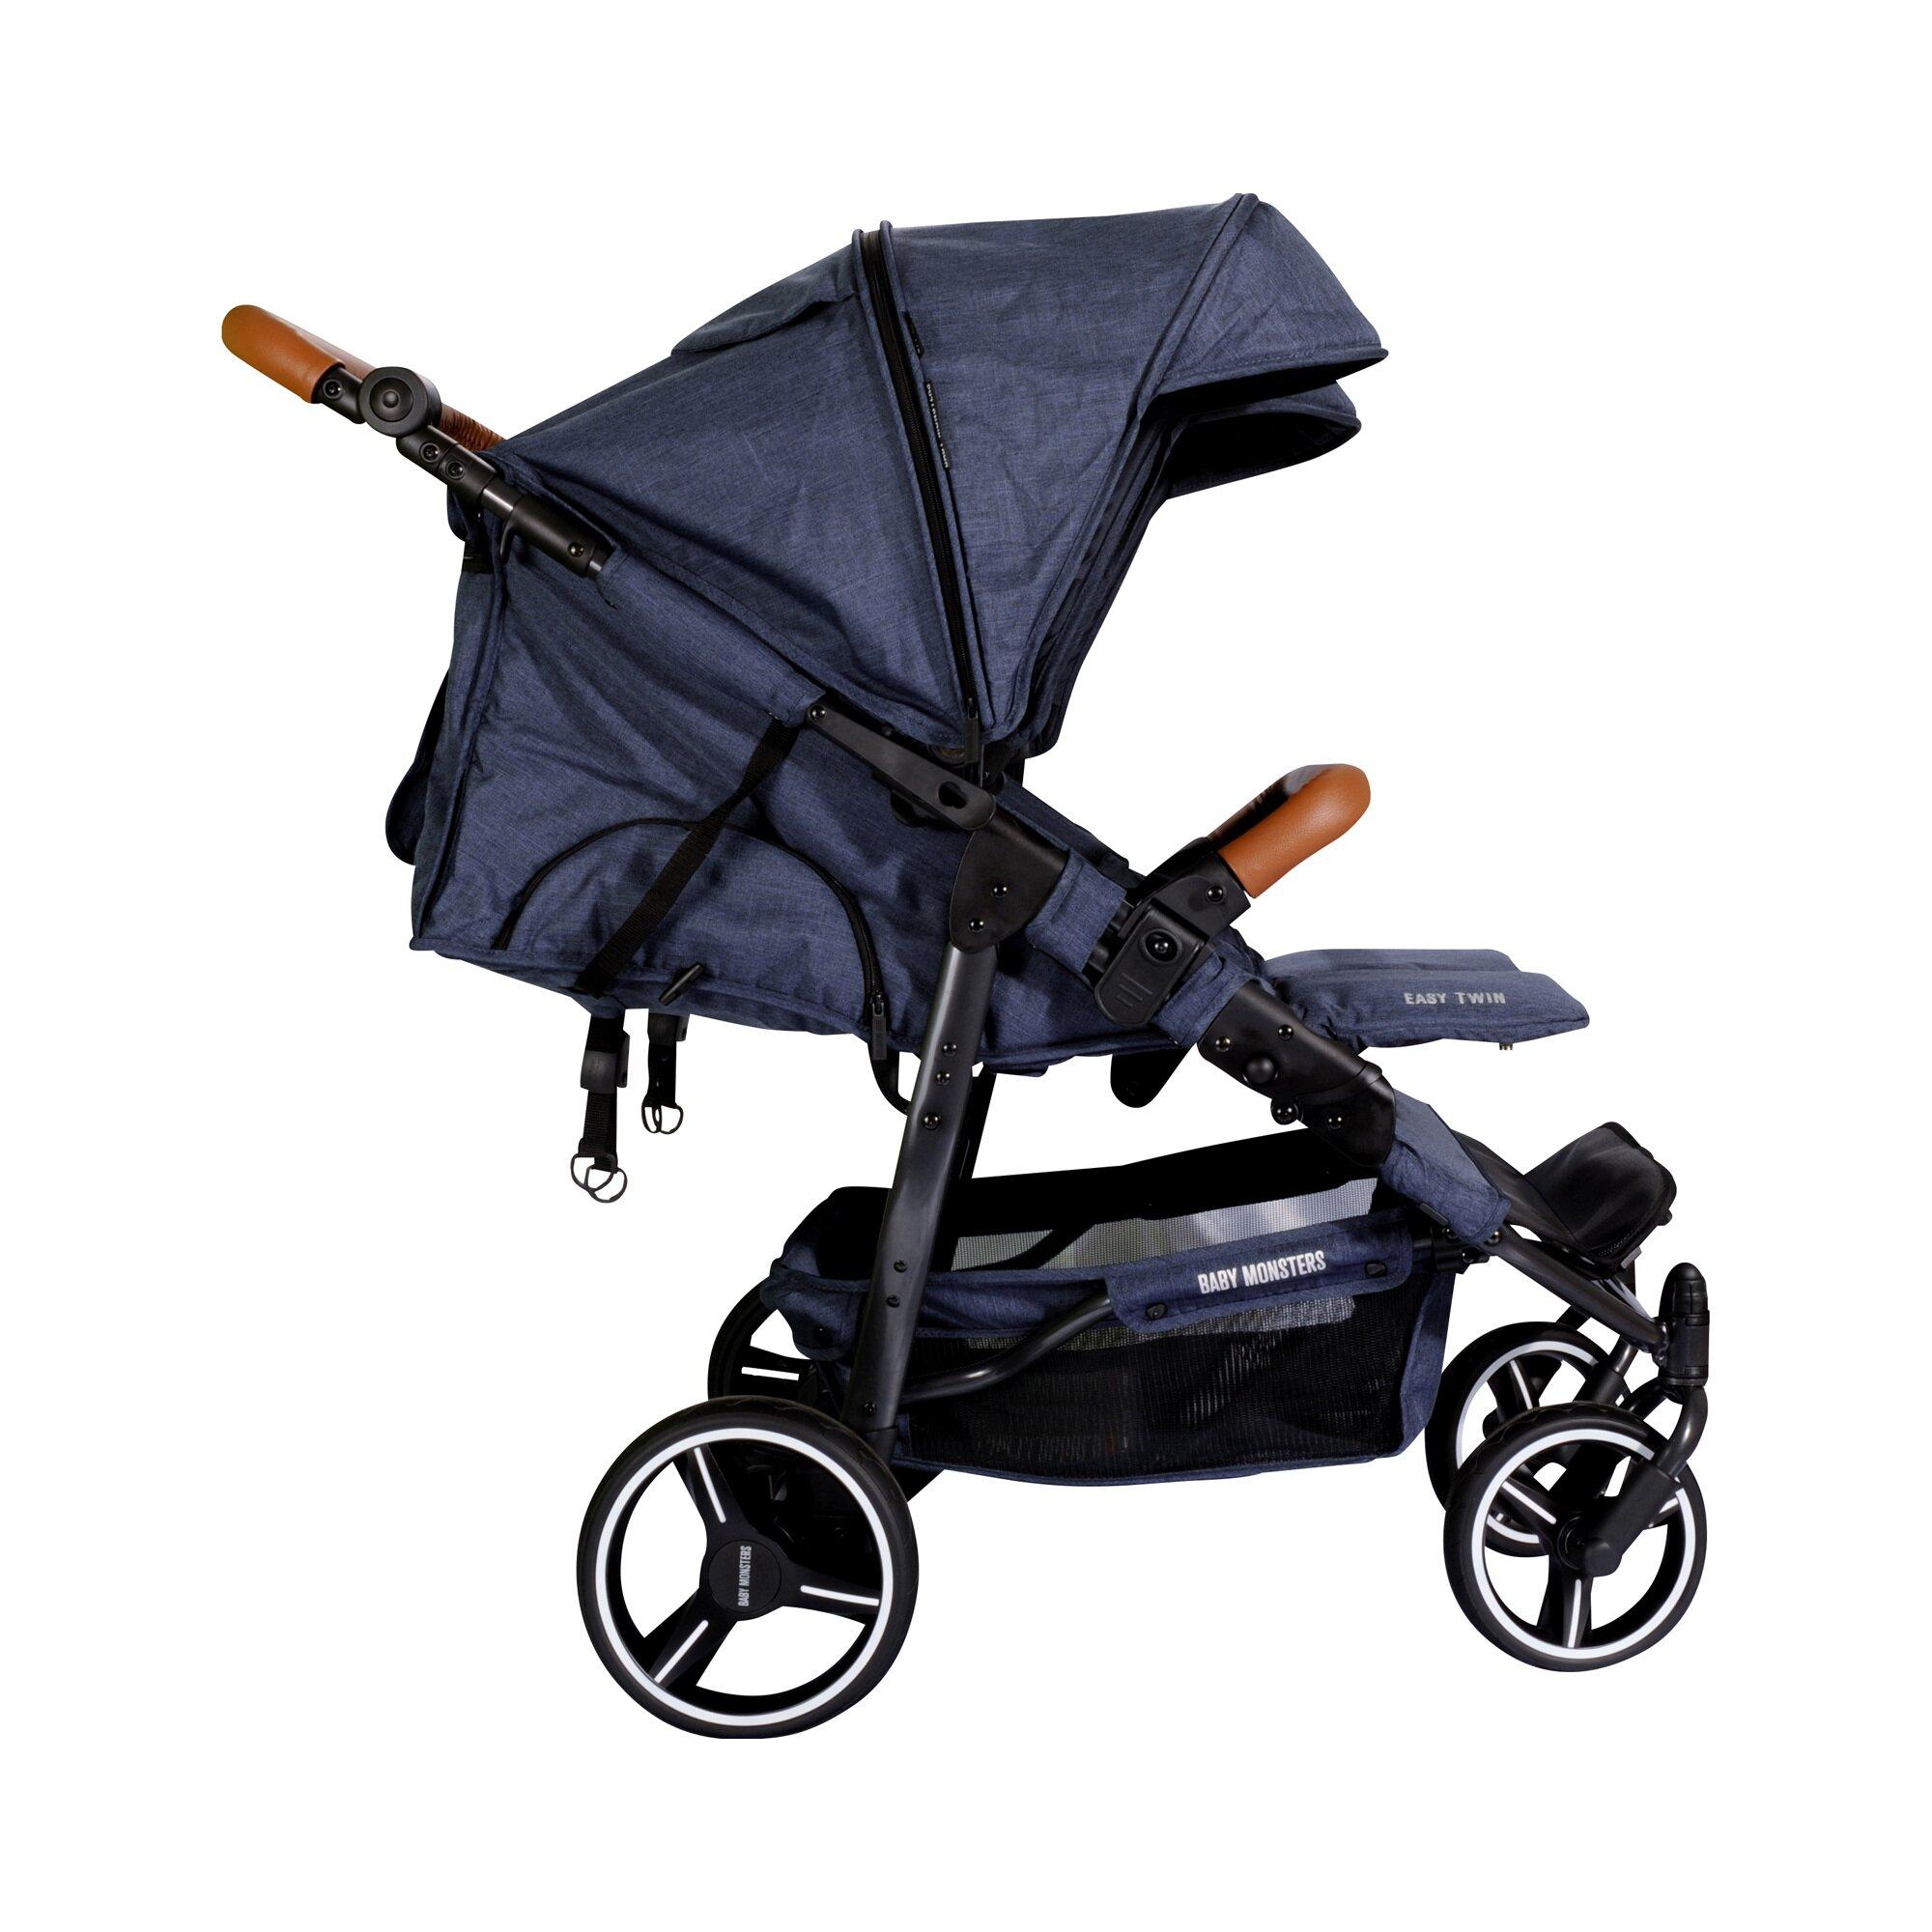 baby-monsters-zwillings-und-kinderwagen-geschwisterwagen-easy-twin-3-0s-denim